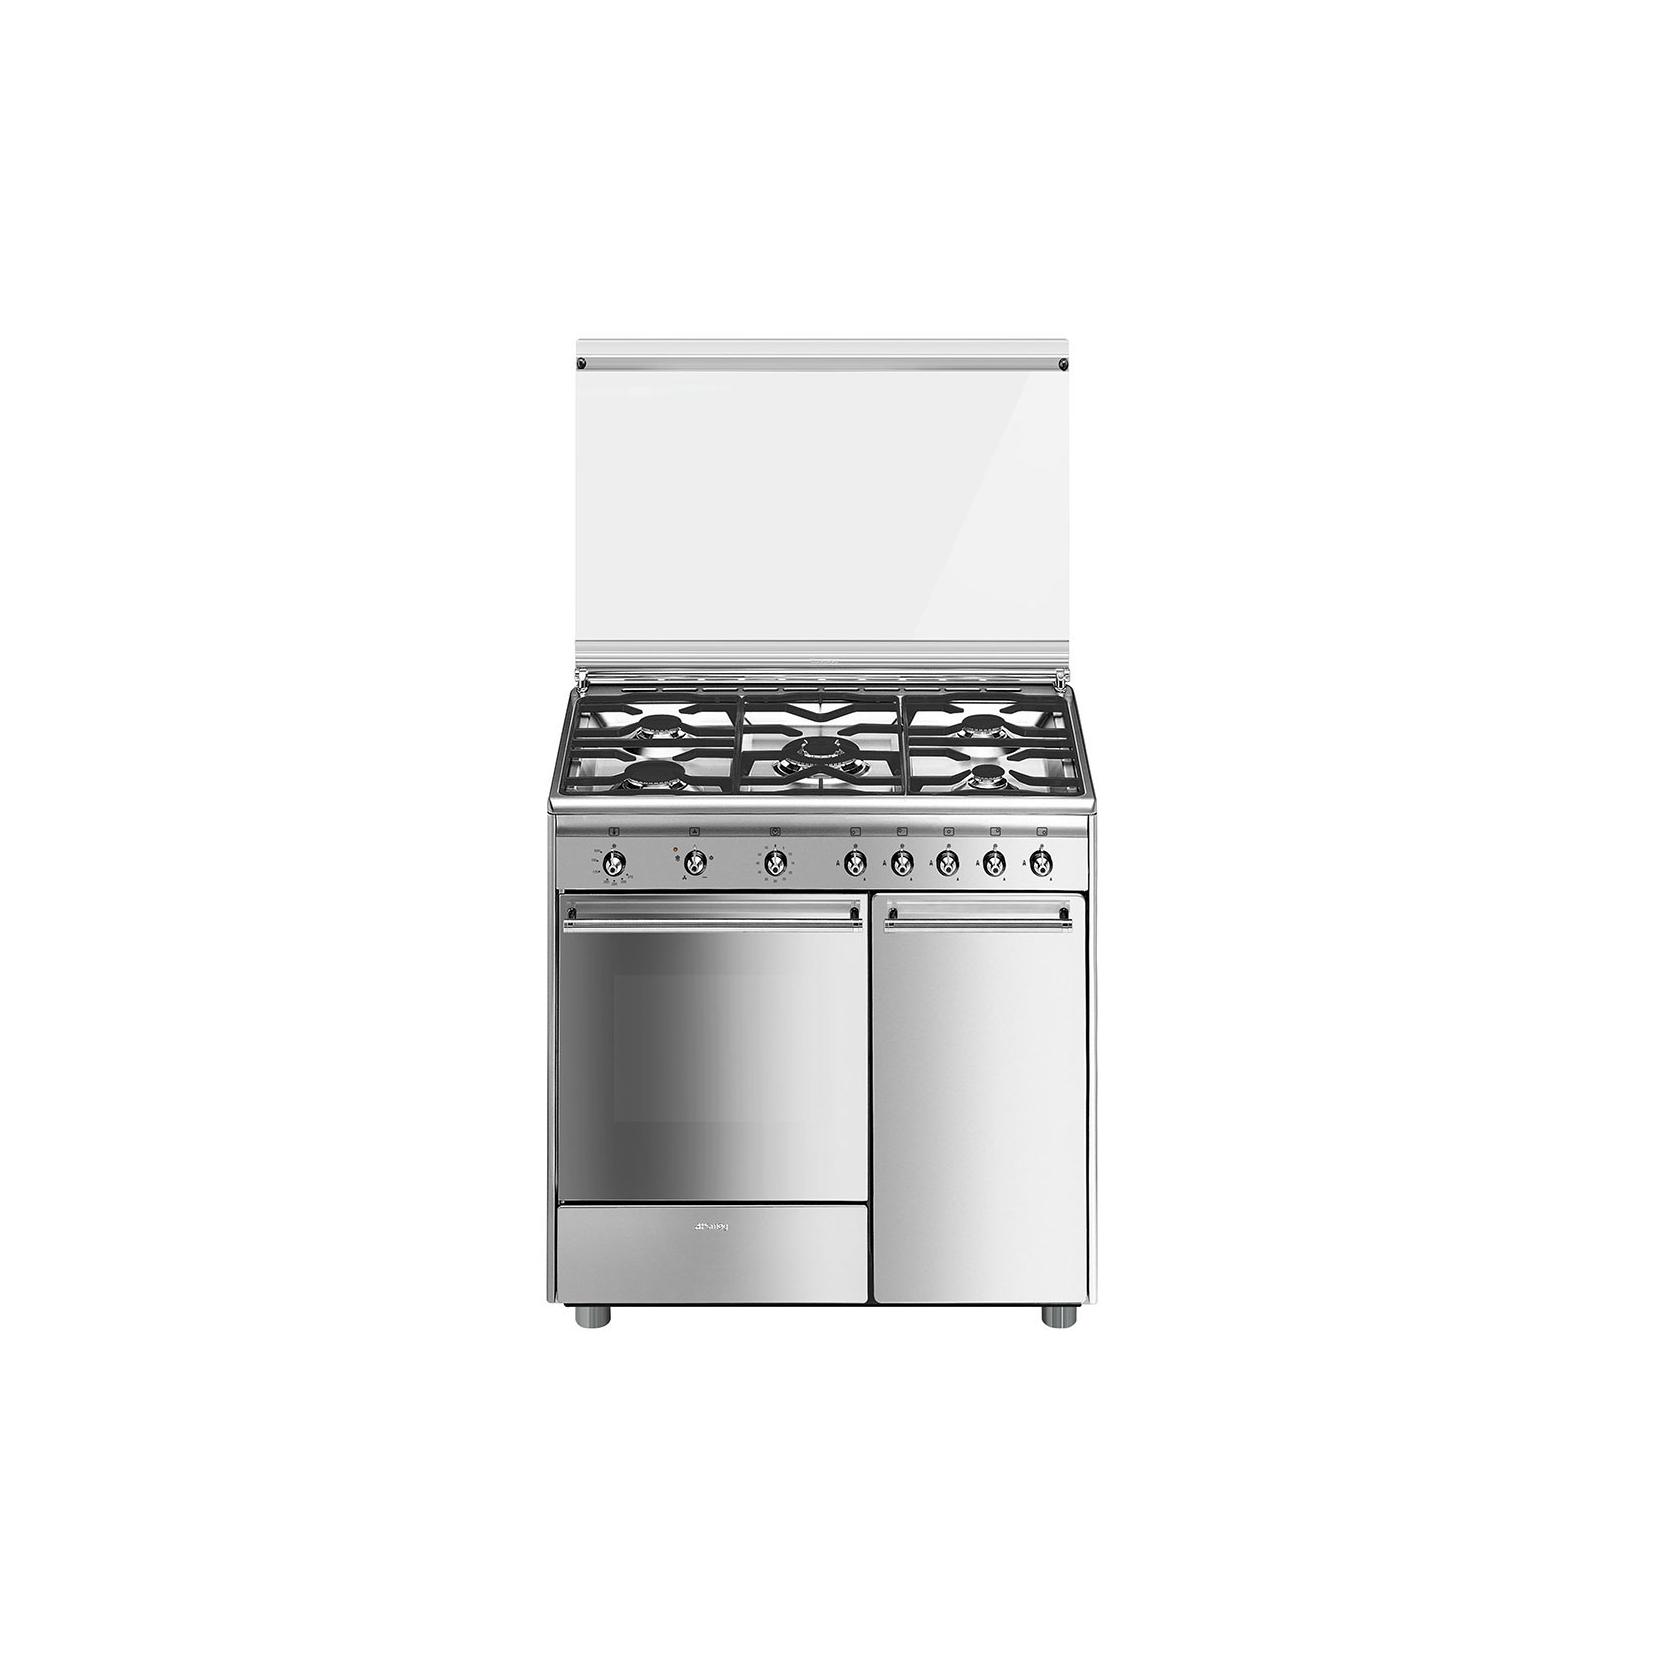 Cucina smeg cx91gve 90x60cm 5 fuochi forno a gas ventilato - Cucina a gas smeg ...